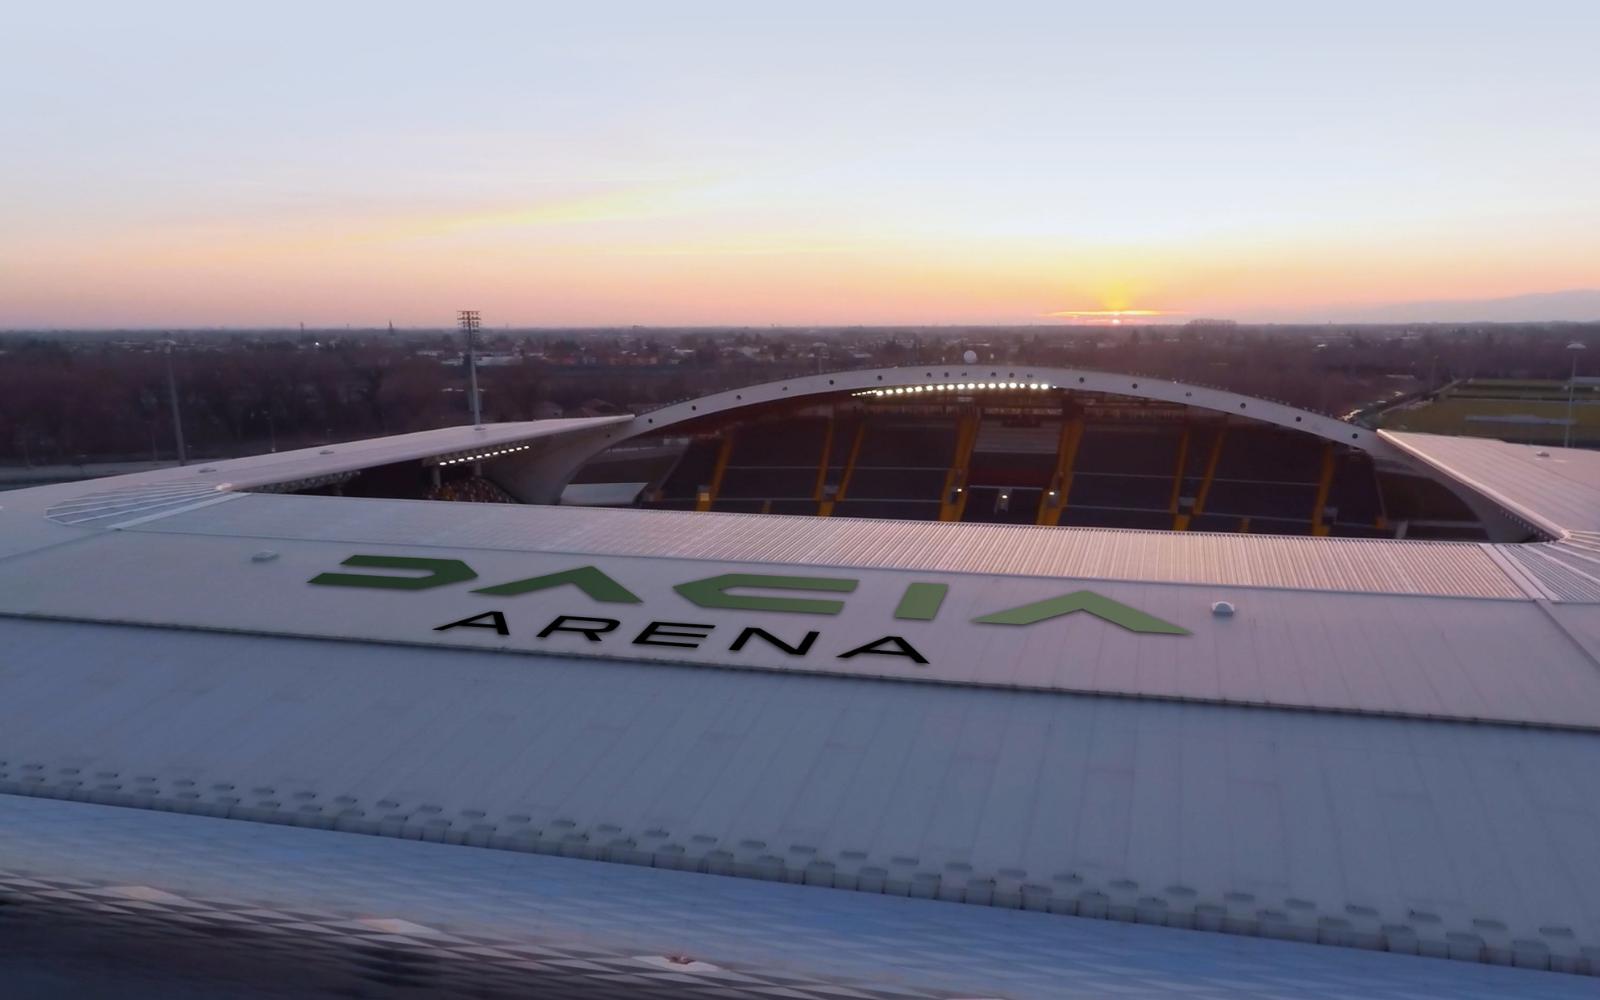 Pop&Sport - Udinese, un club da metà classifica prima nella lotta per l'ambiente